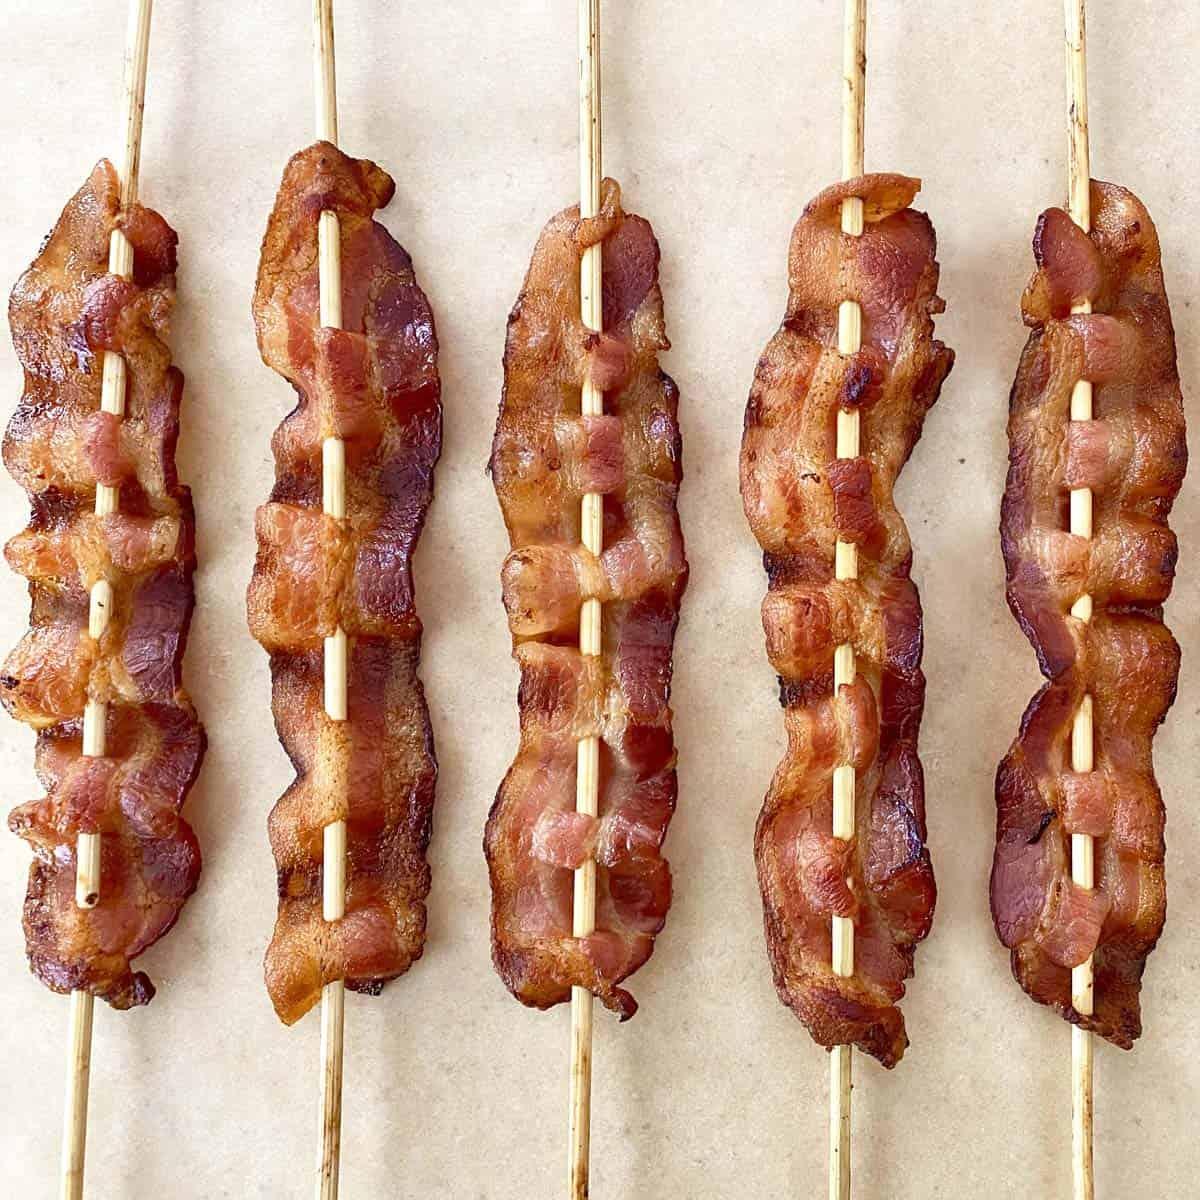 bacon skewers